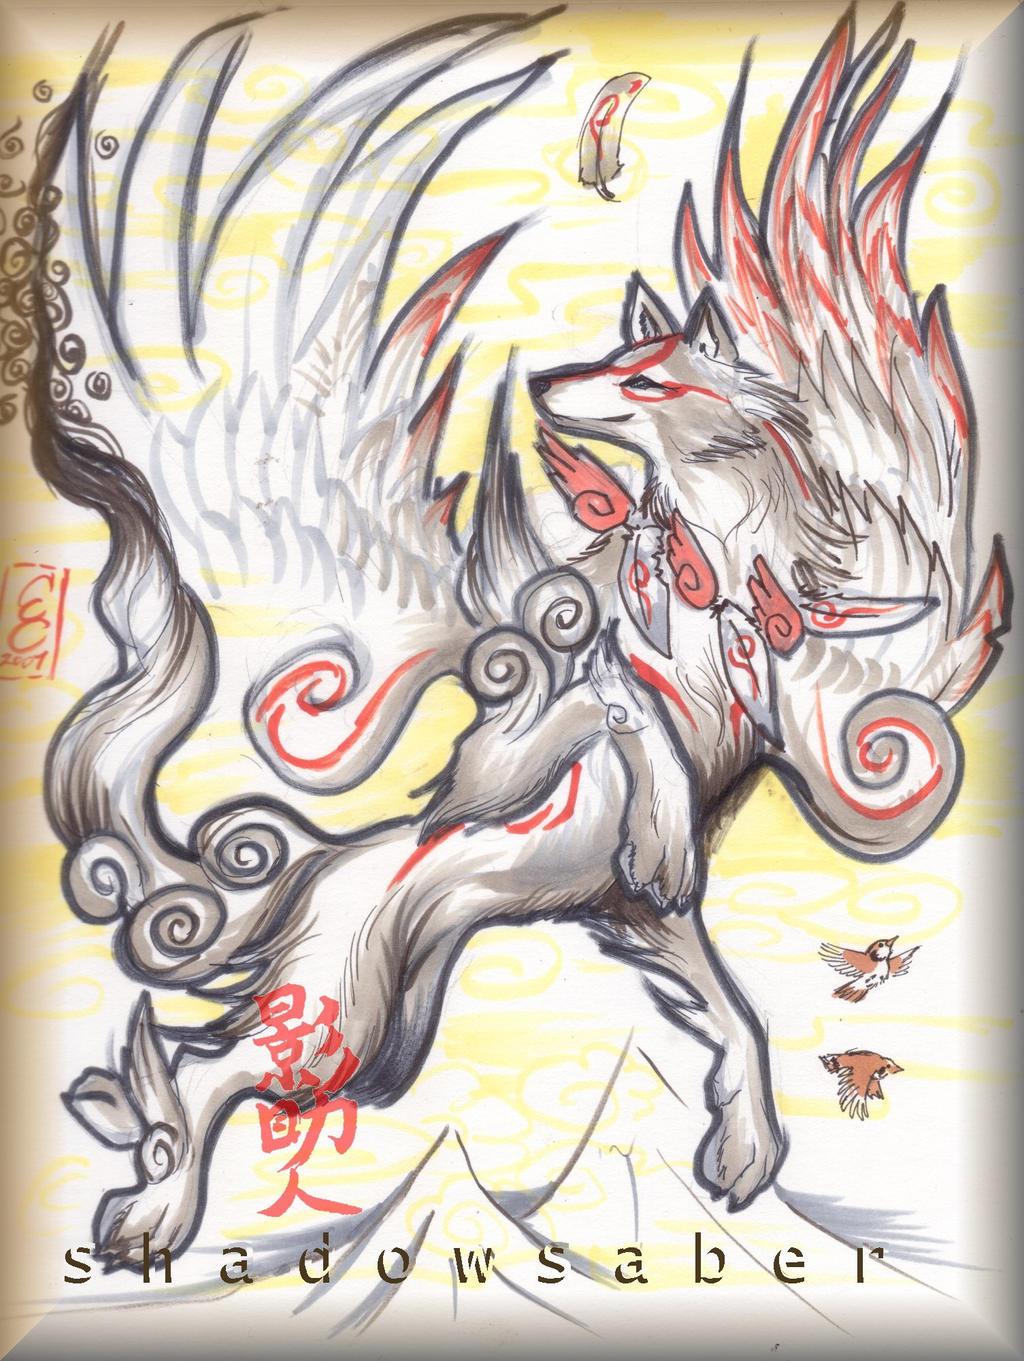 okami Feather Bush by ShadowSaber